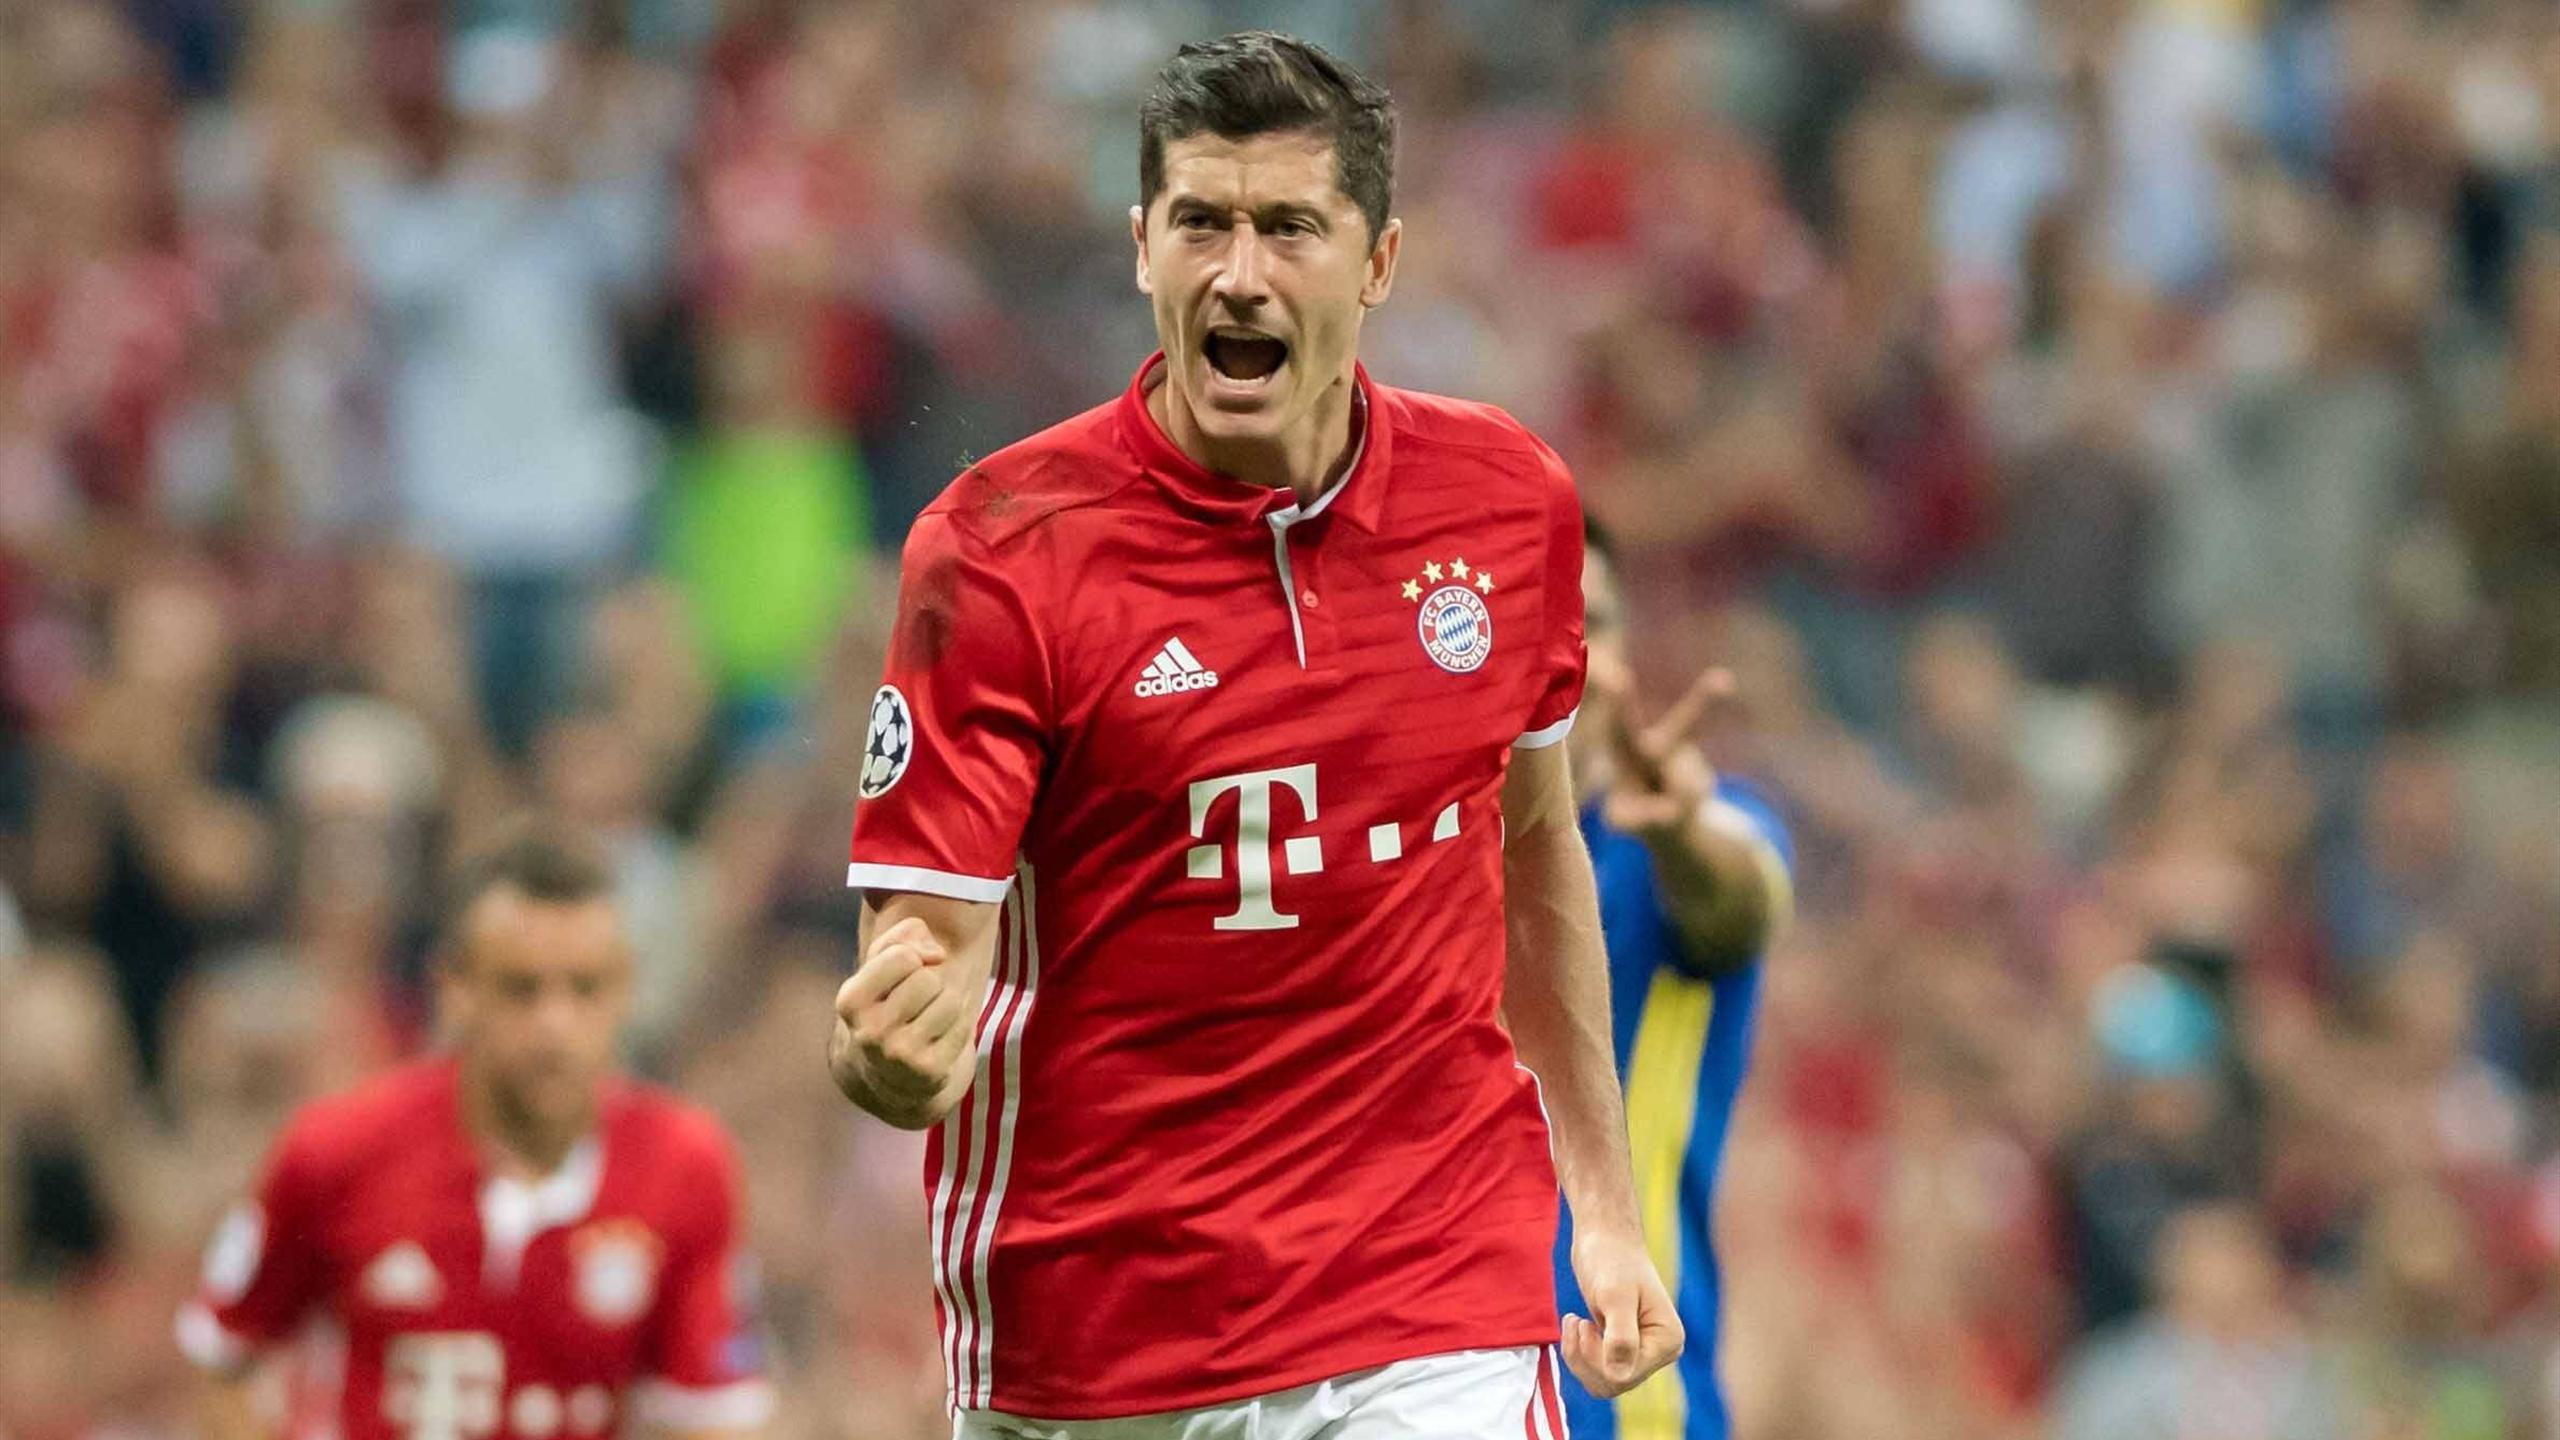 Robert Lewandowski celebrates a goal